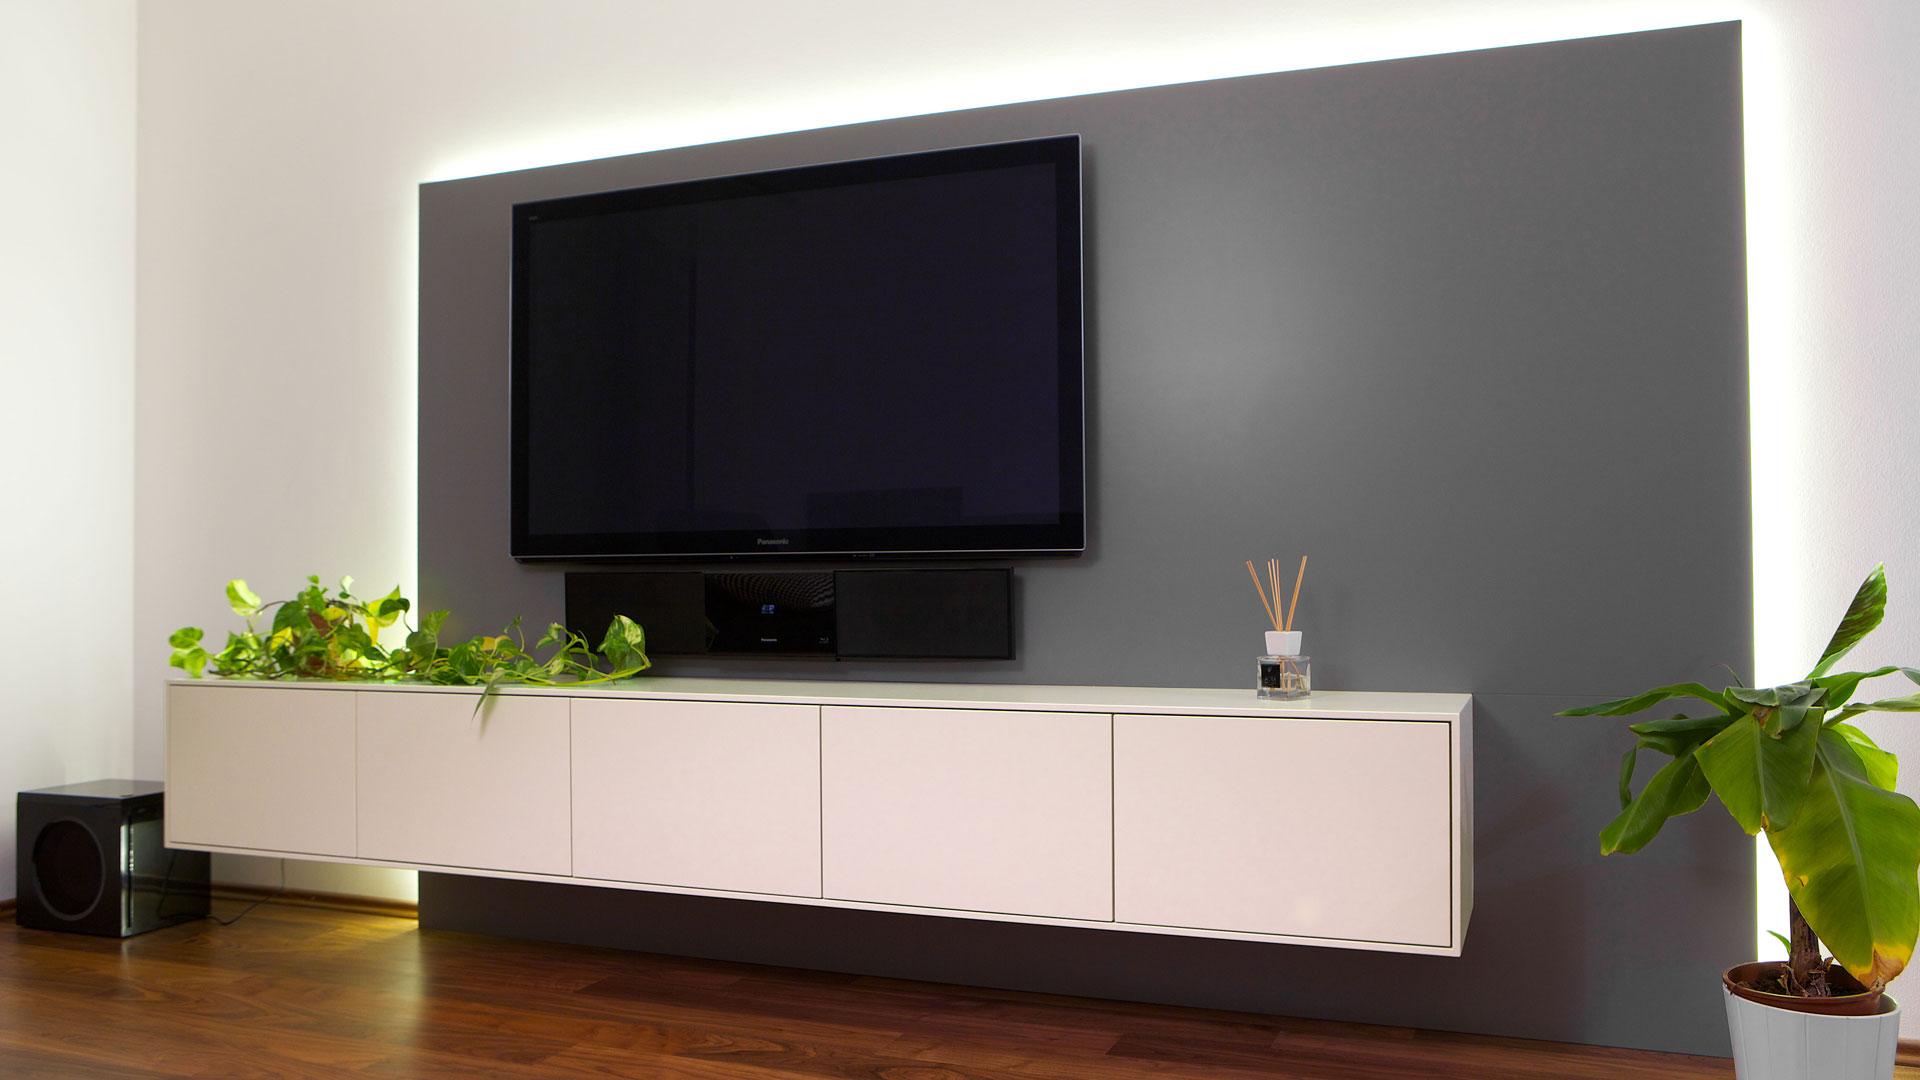 Wandgestaltung Wohnzimmer Braune Möbel